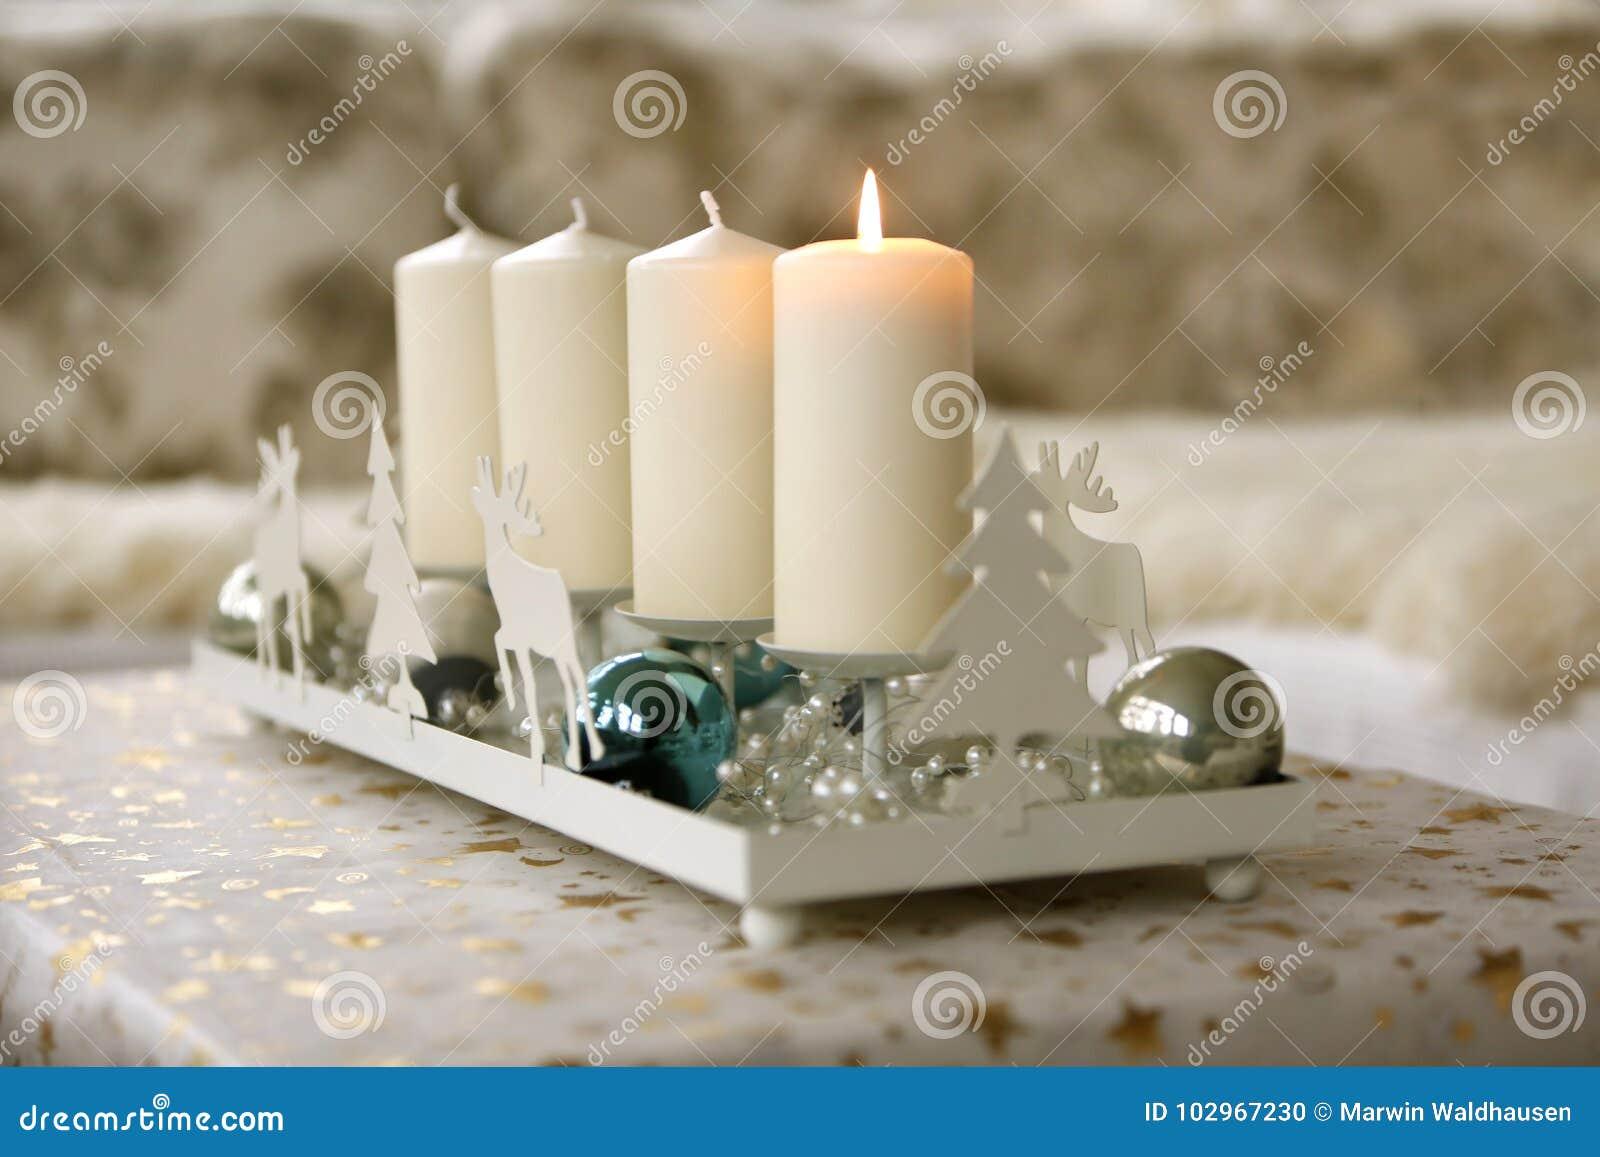 Advent Christmas Decoration Stock Photo Image Of Gold Celebration 102967230